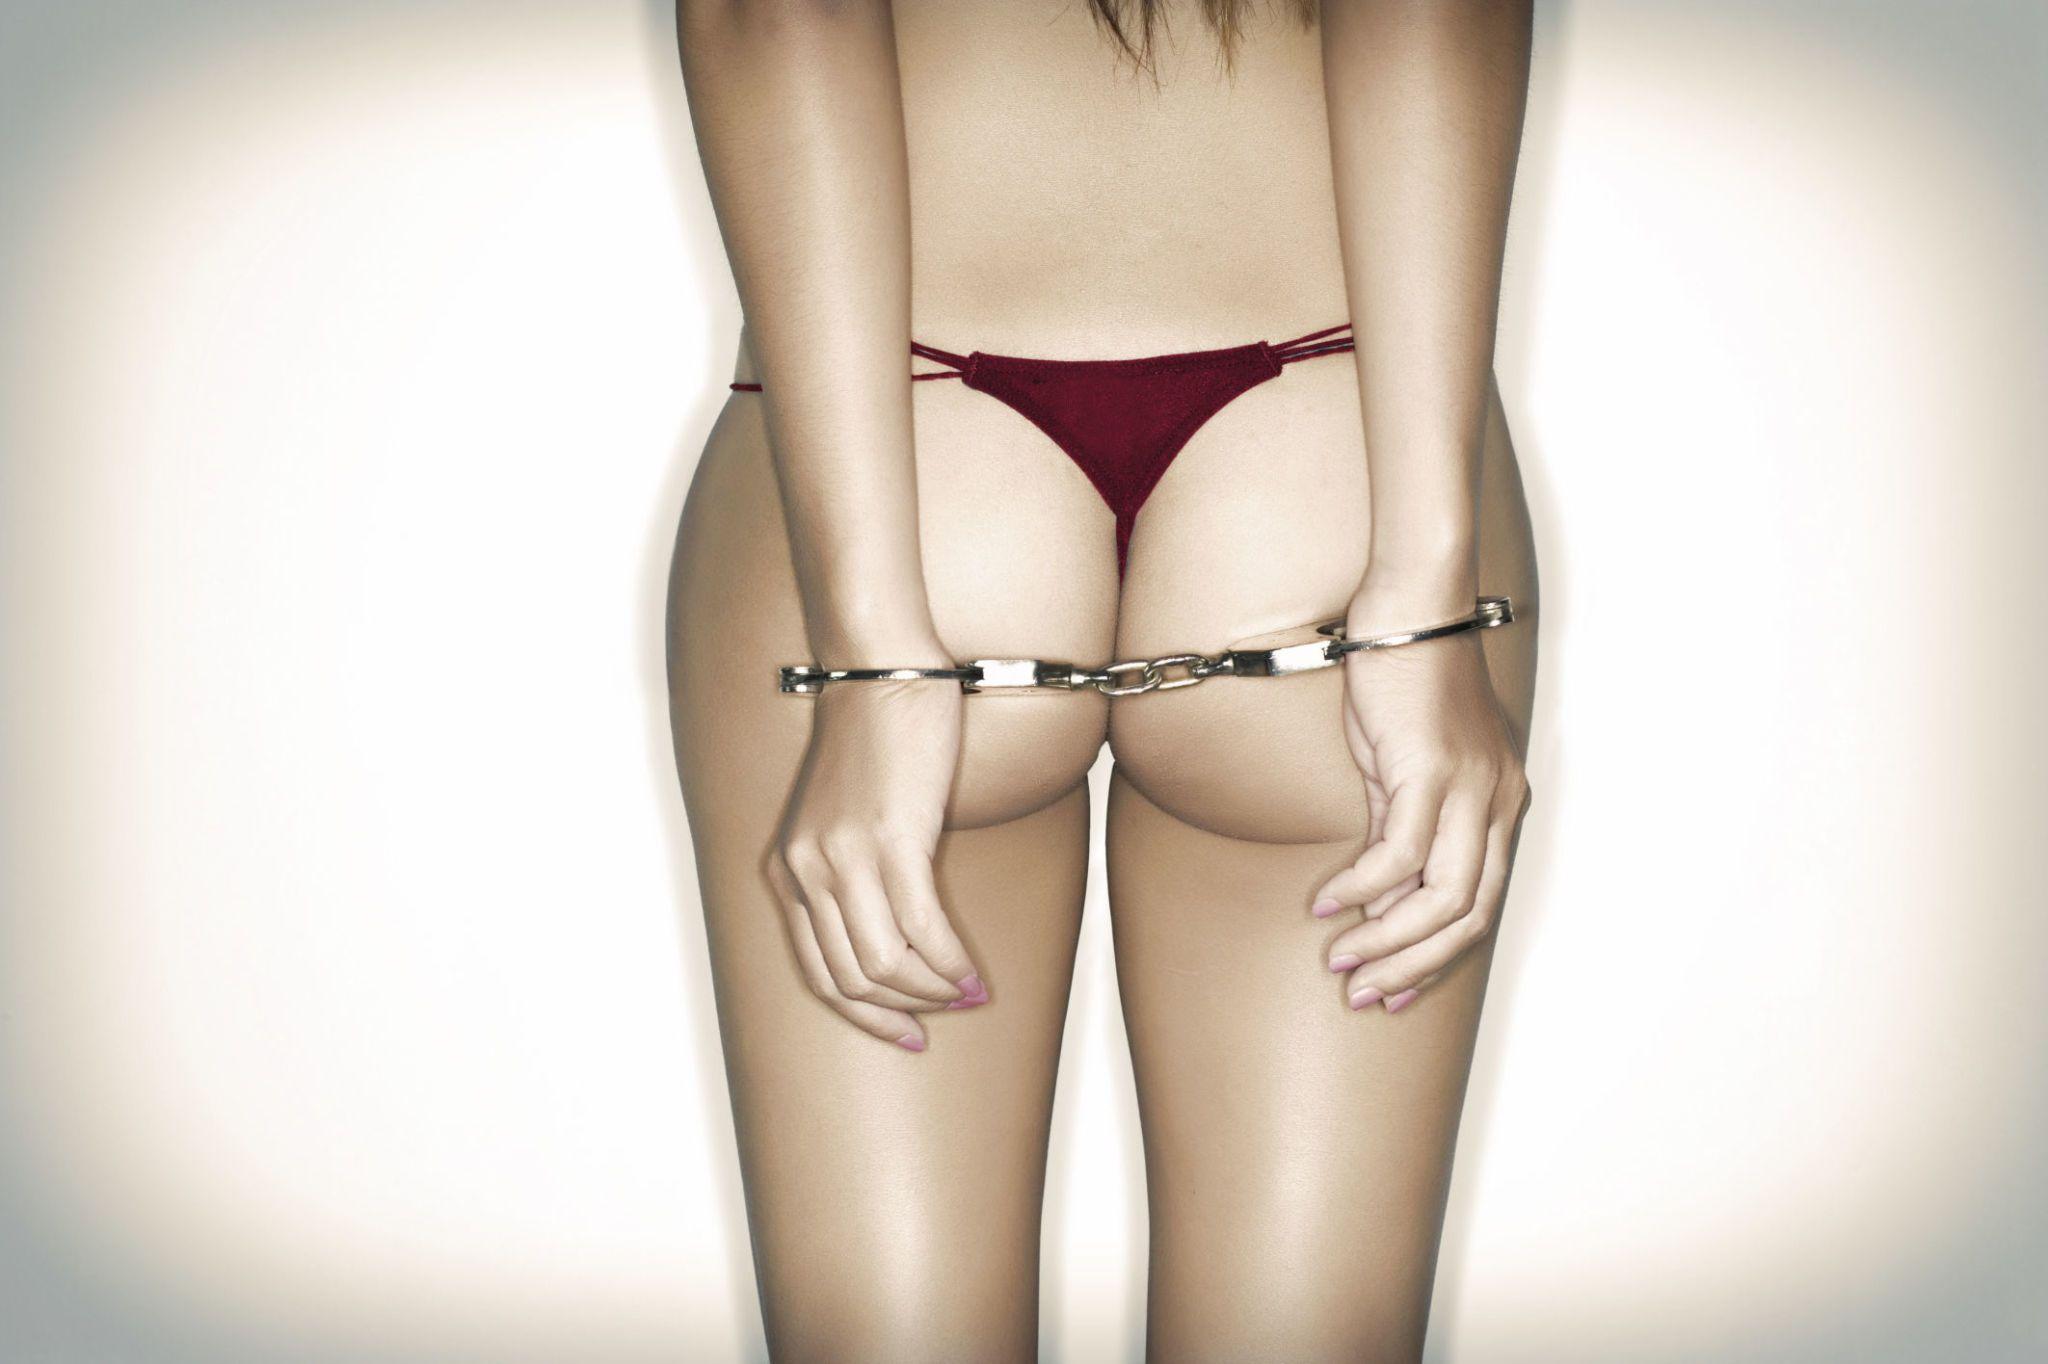 erotico hard consigli sessuali donne